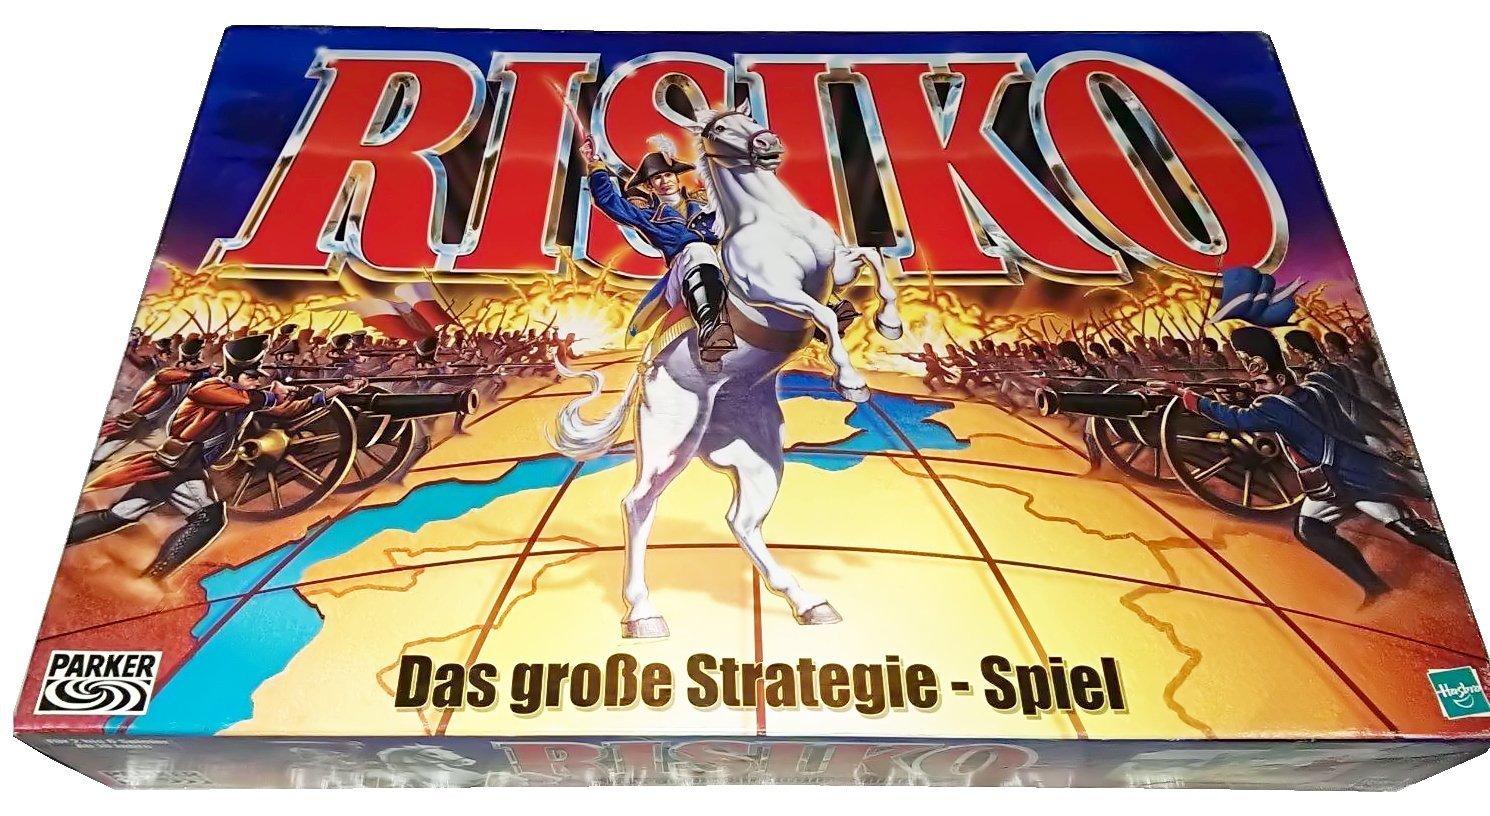 Risiko – Das große Strategiespiel. (Erscheinungsjahr 2000) günstig online kaufen